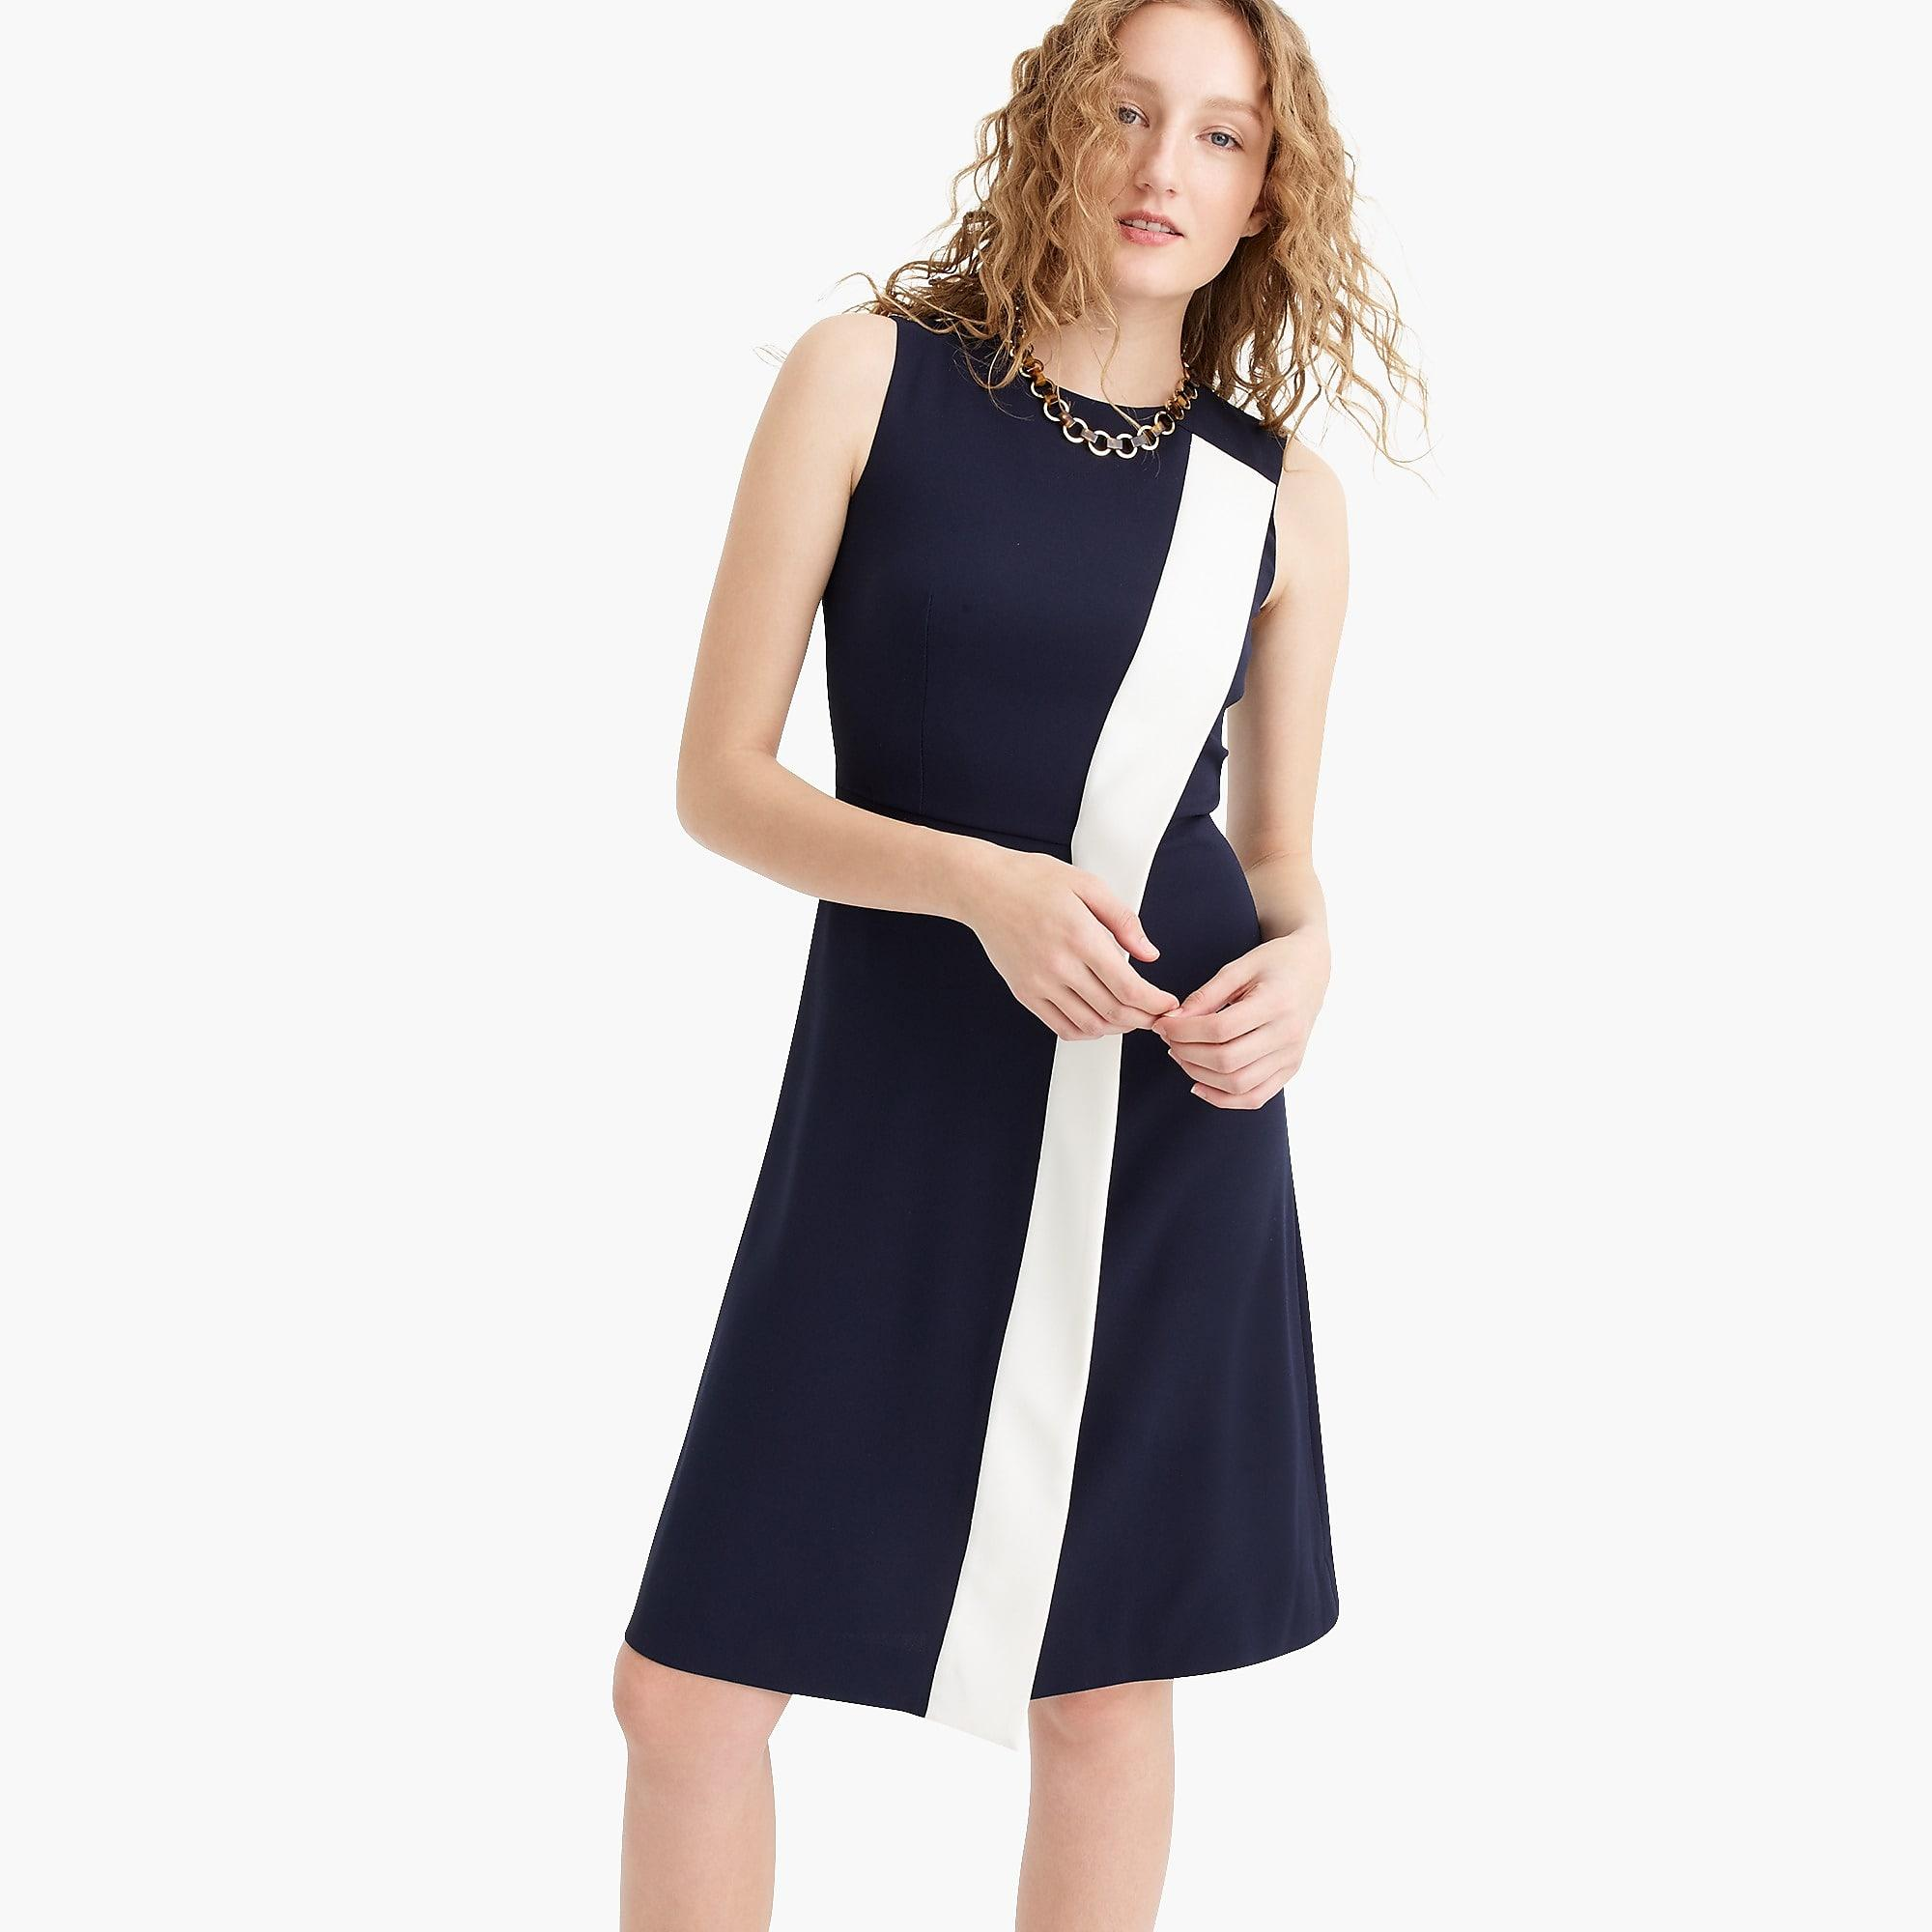 045a2d254 J.Crew Petite Asymmetrical Striped Sheath Dress In 365 Crepe in Blue ...